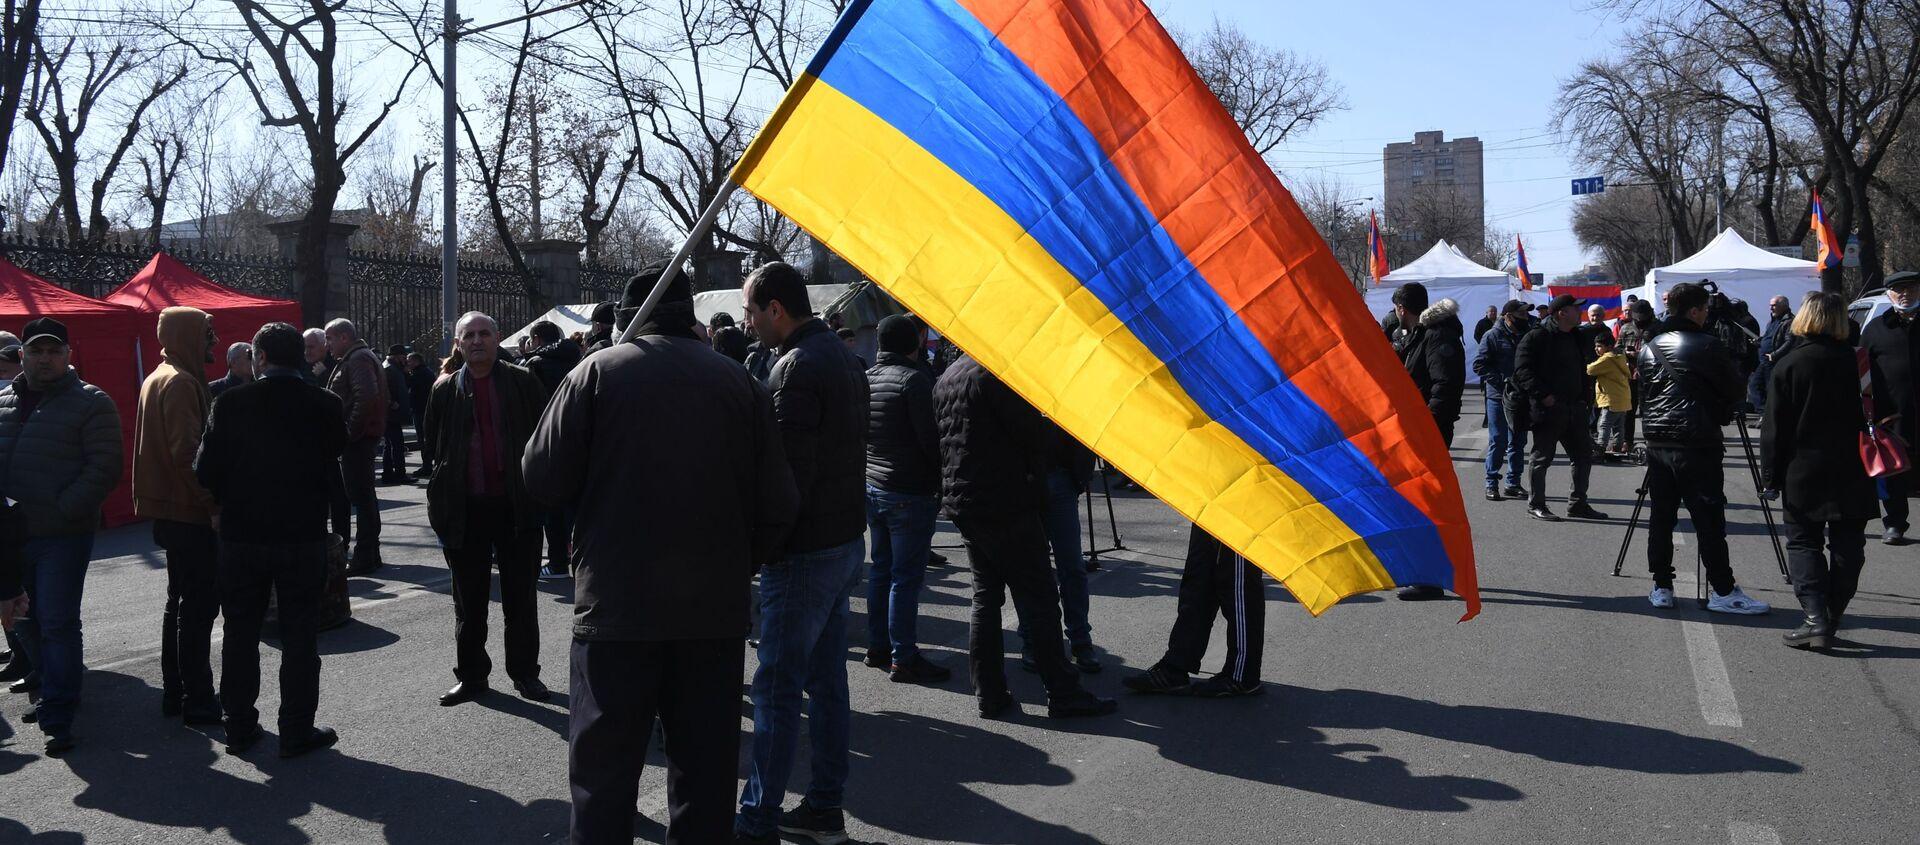 Protesty opozycji w Erywaniu - Sputnik Polska, 1920, 06.03.2021